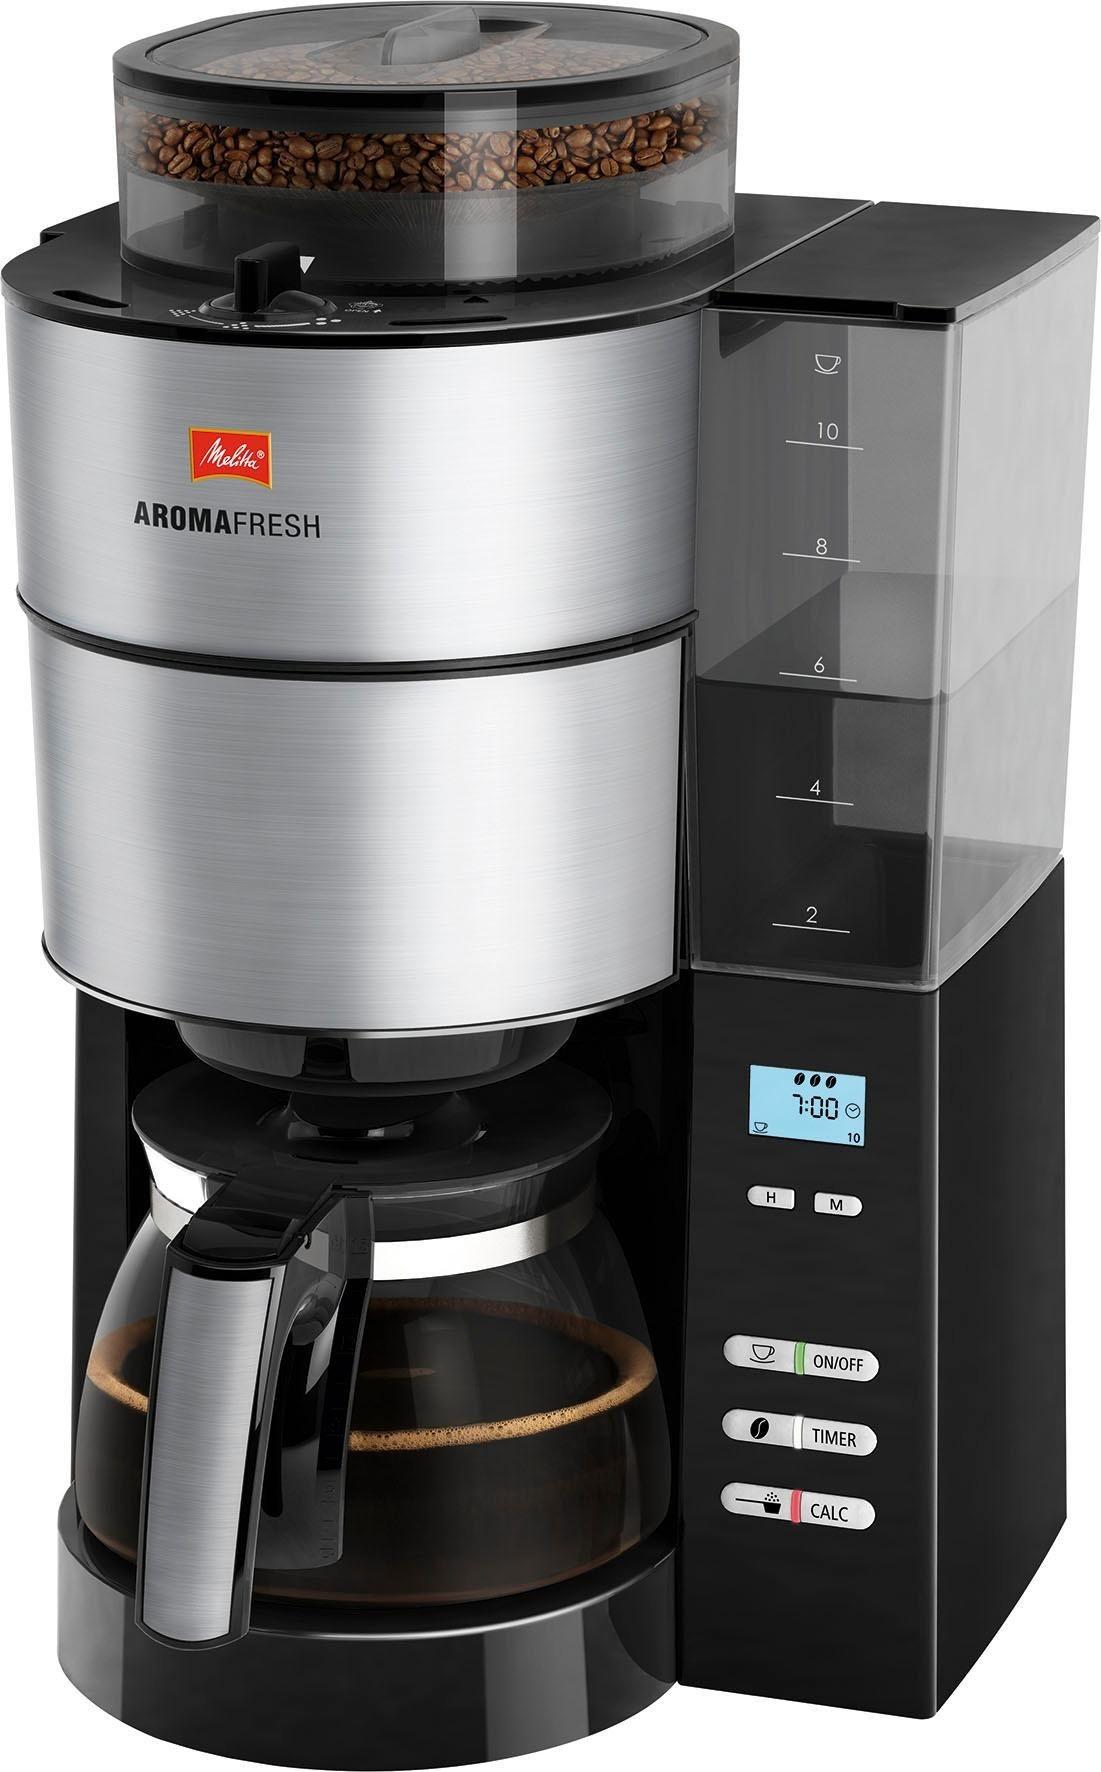 Kaffeemaschine mit Mahlwerk AromaFresh 1021-01, Filterkaffeemaschine mit integriertem Mahlwerk, Papierfilter 1x4